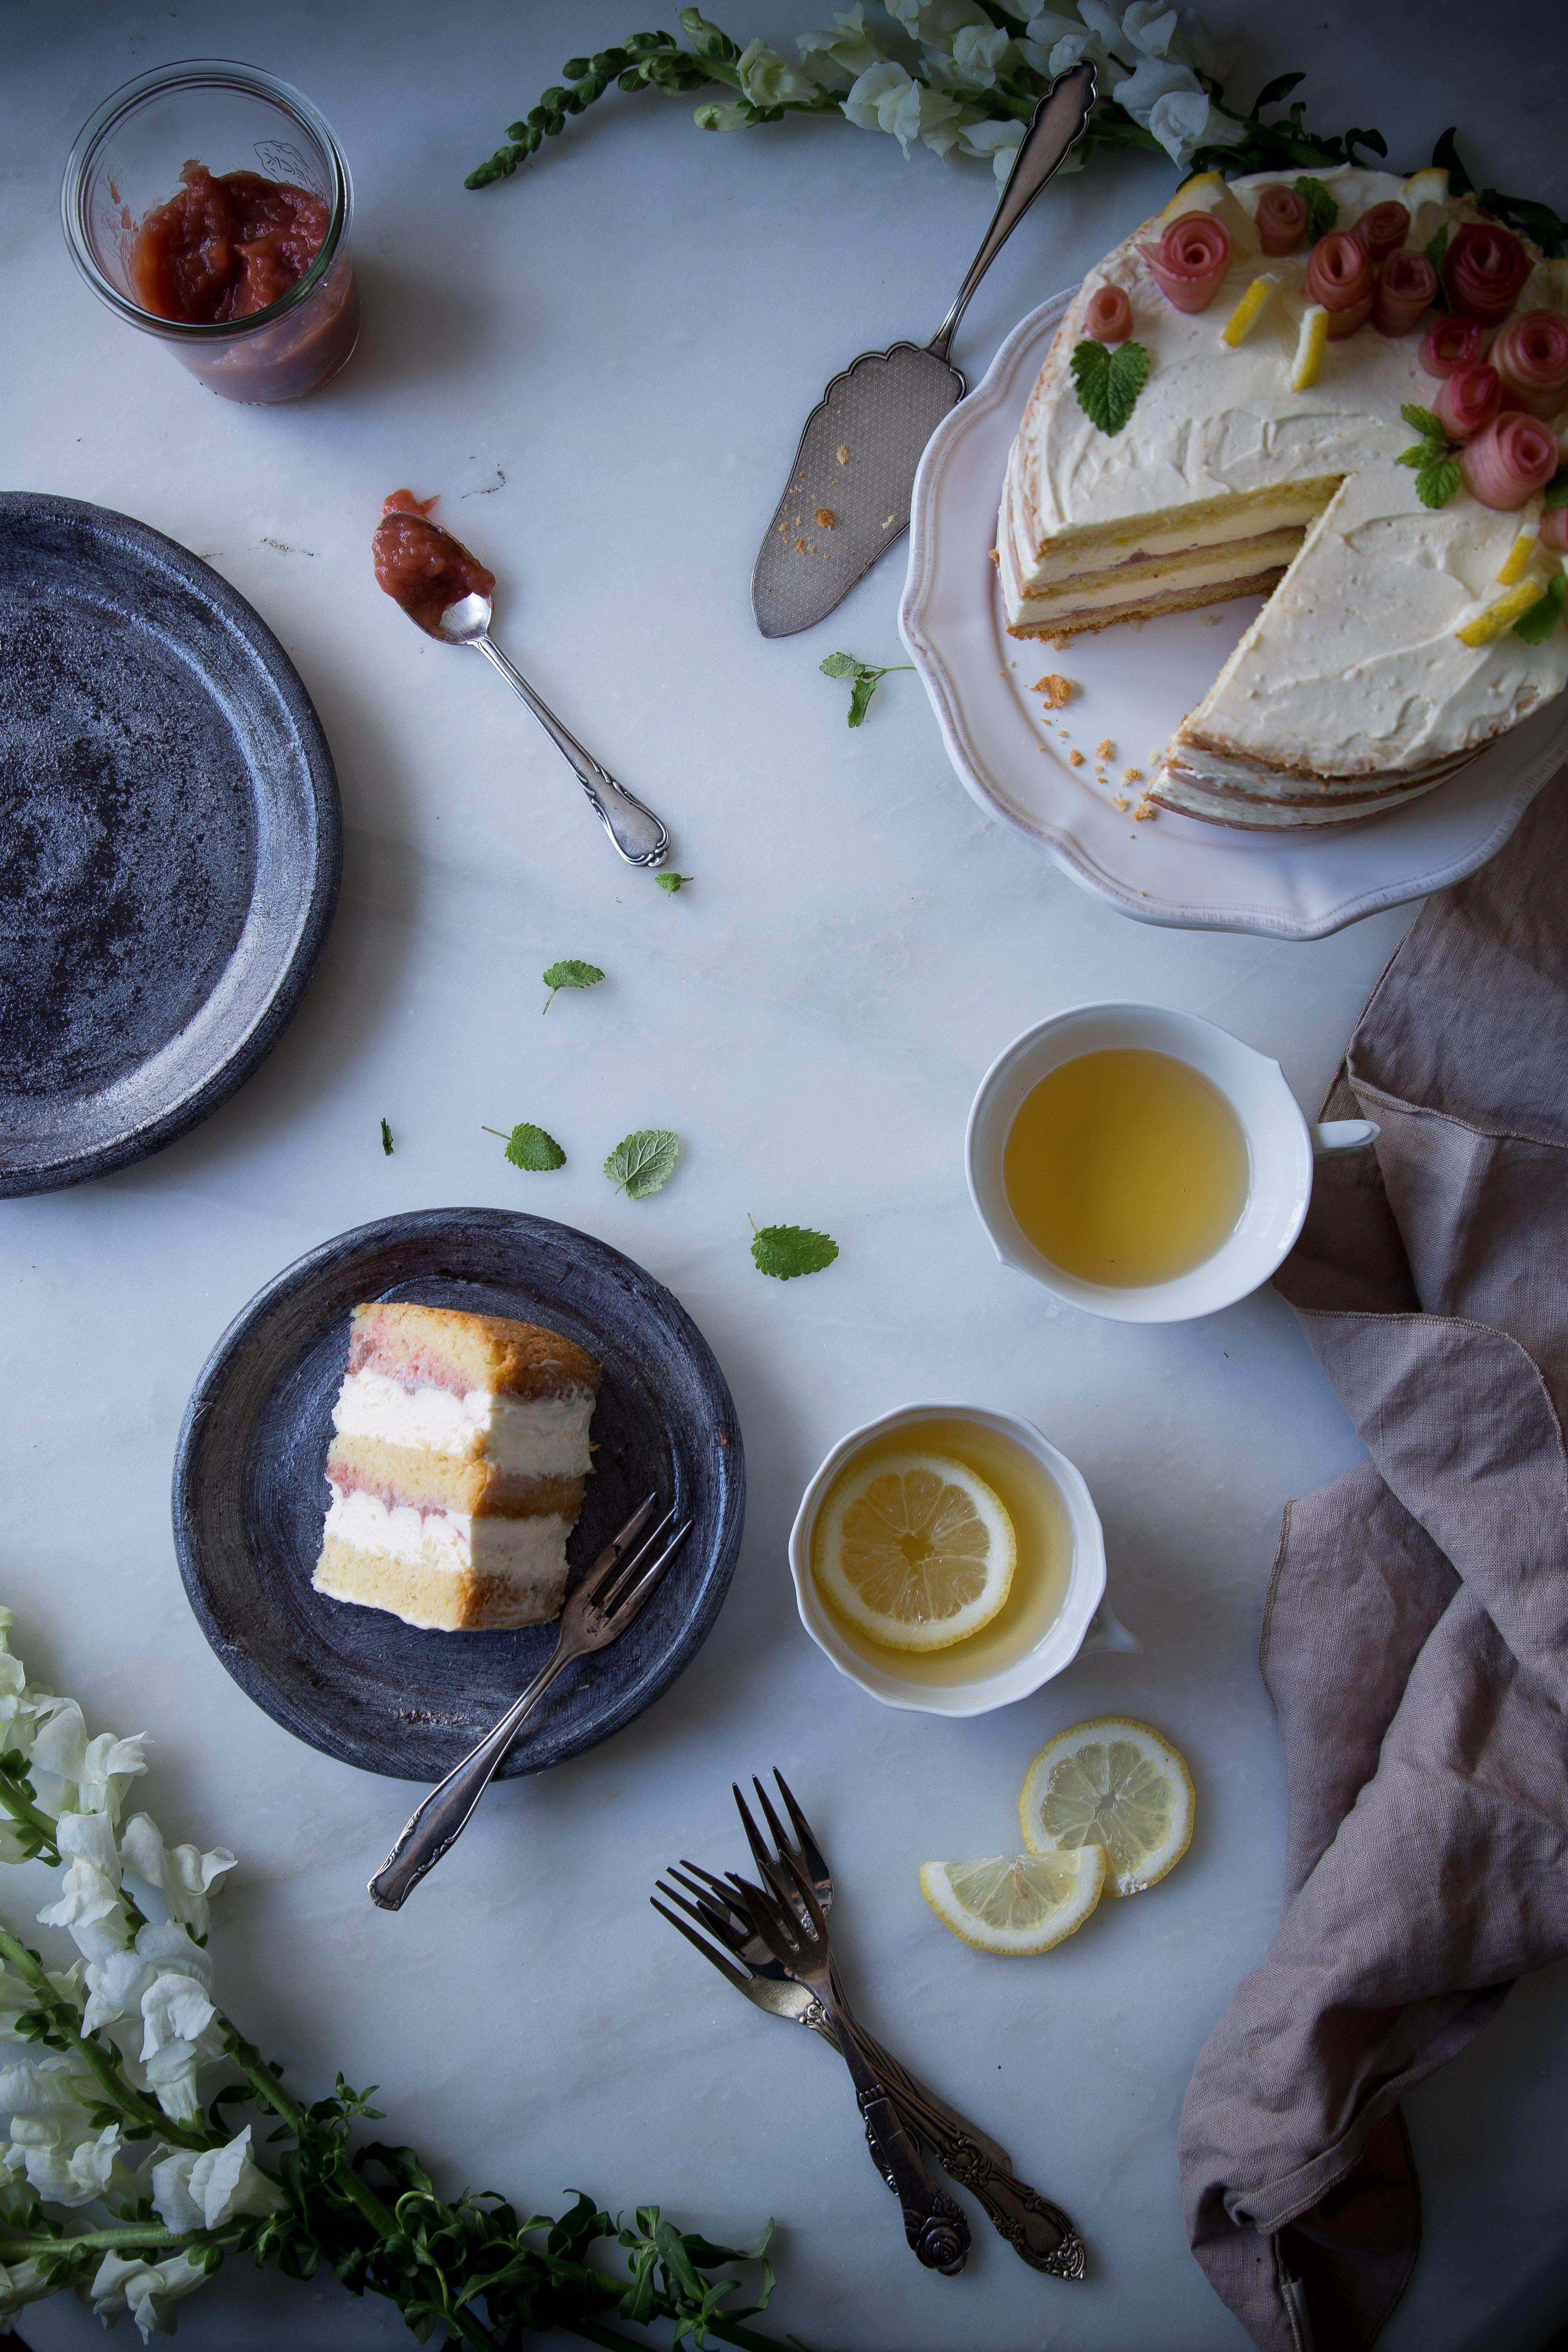 Layer-Cake mit Mandeln, Rhabarber und Zitronen-Creme.